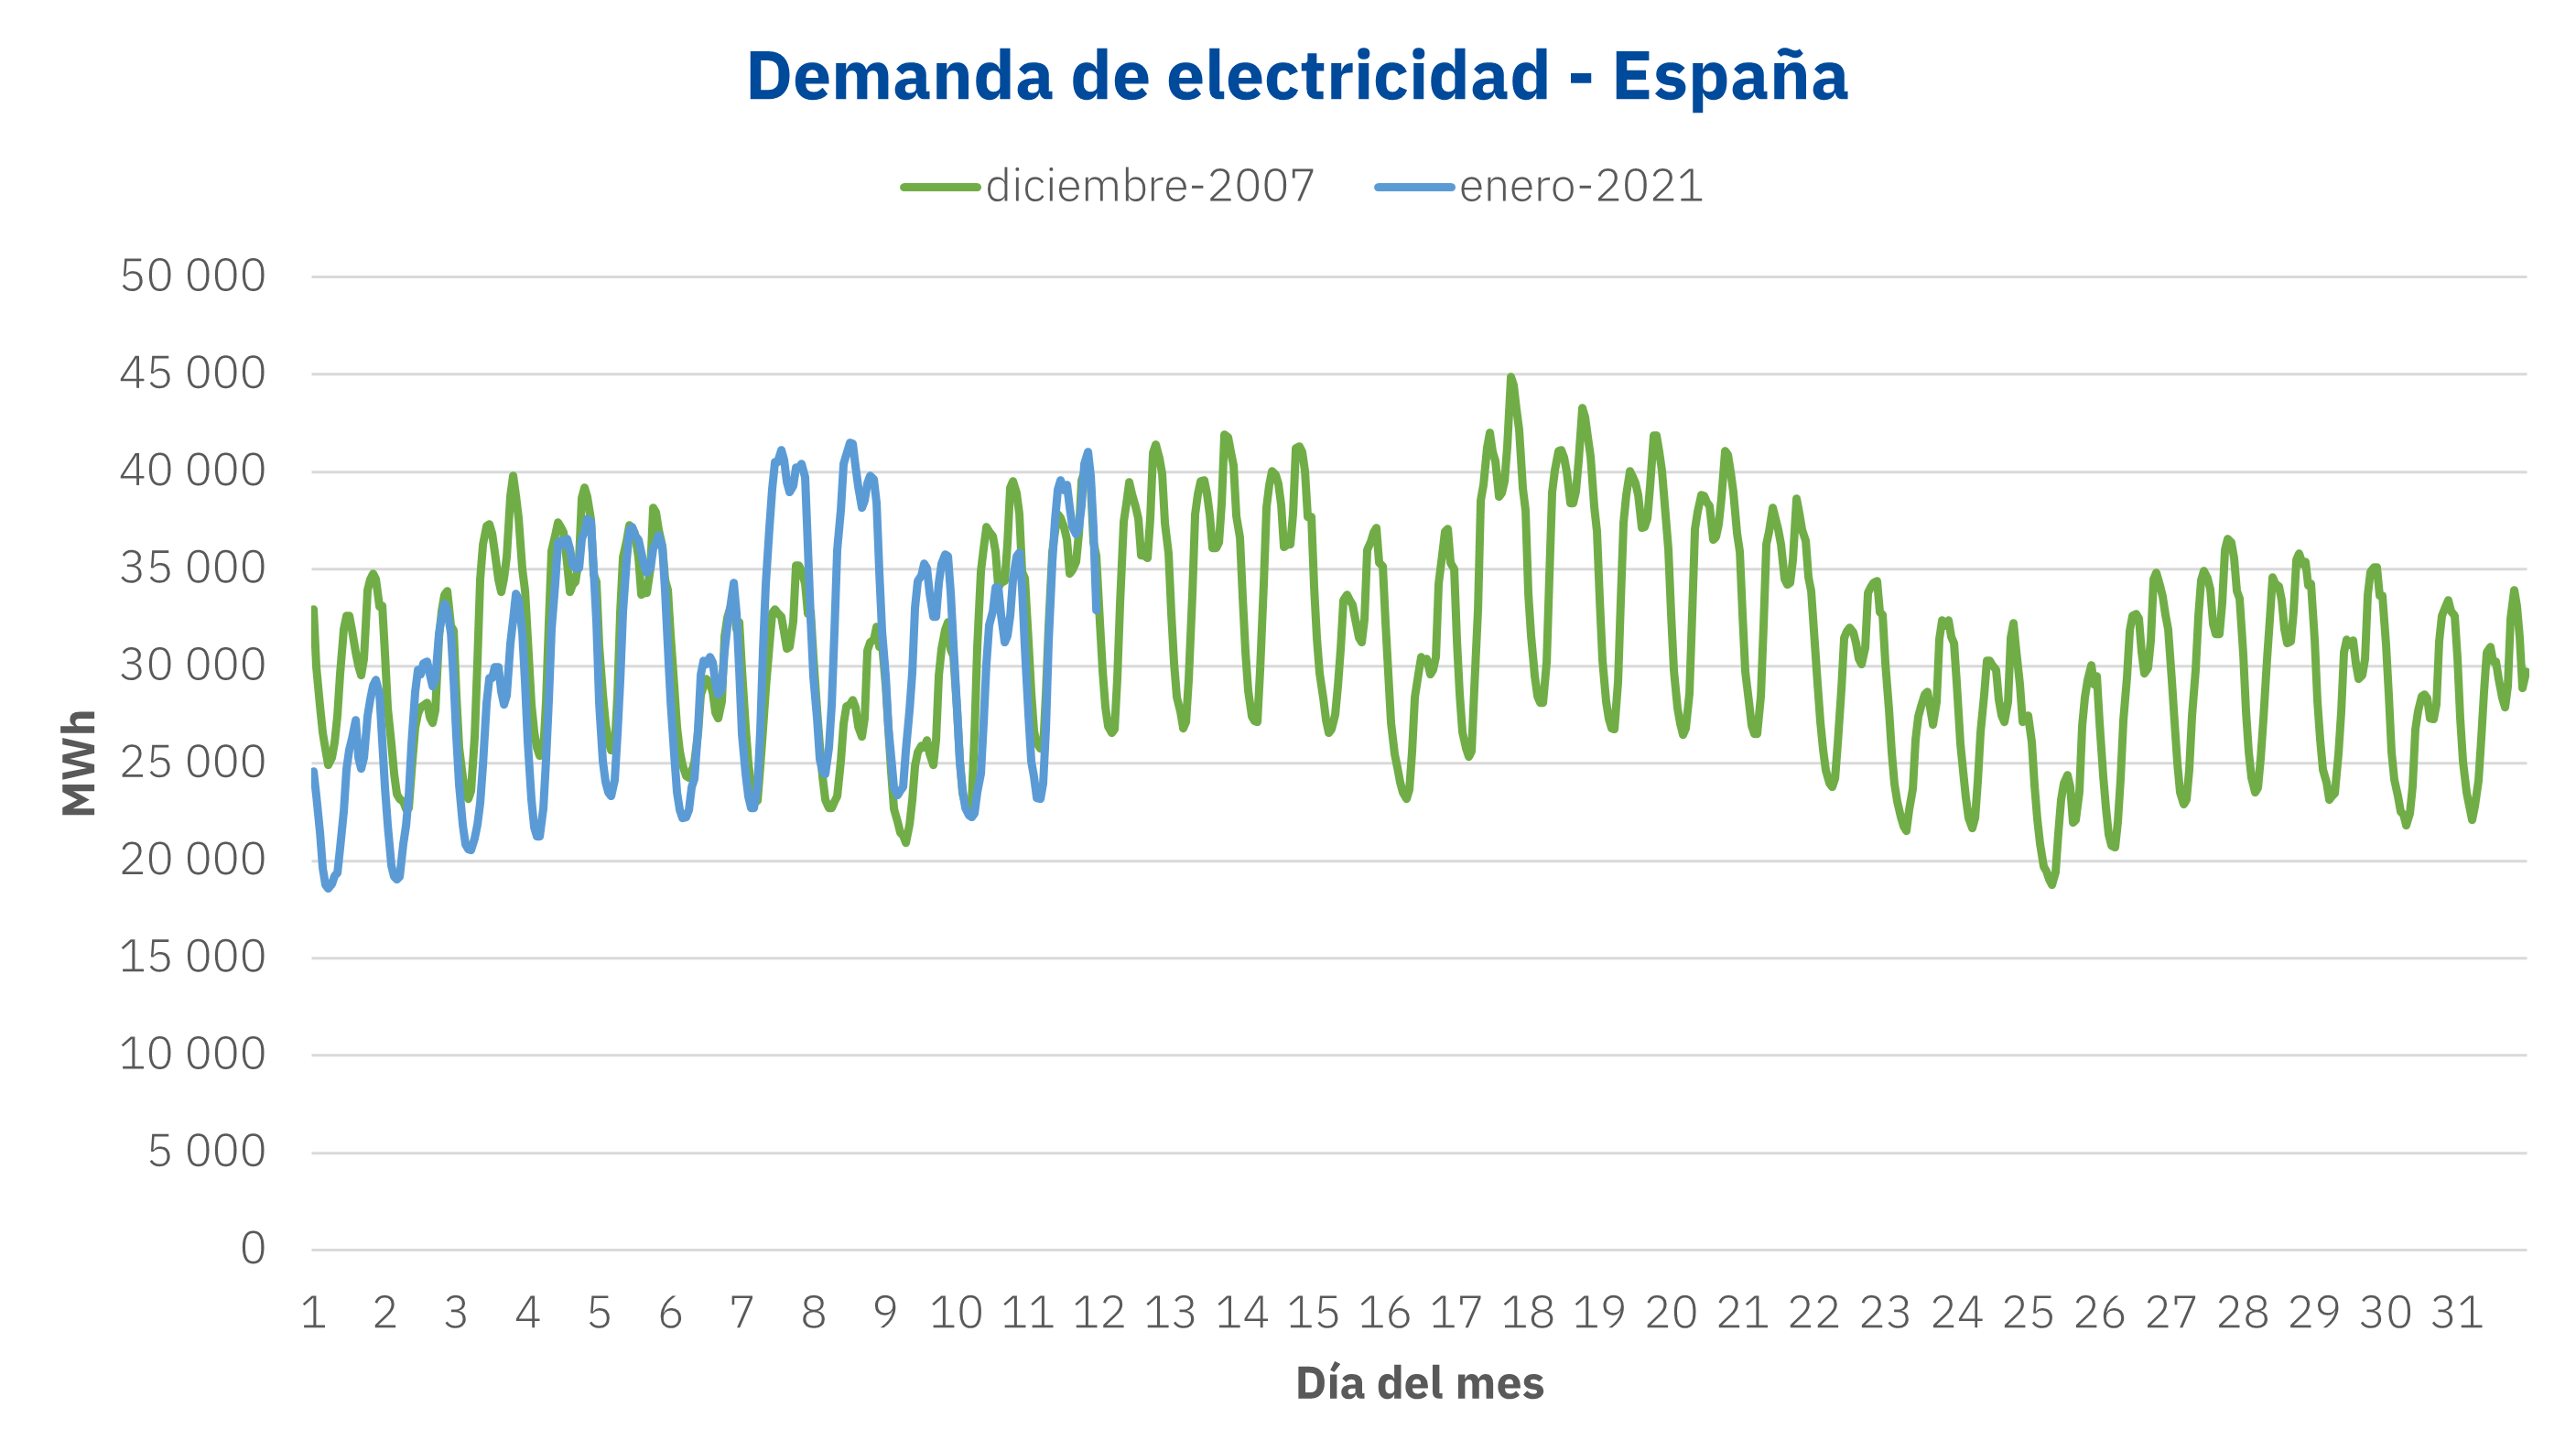 AleaSoft - Demanda electricidad Espanna